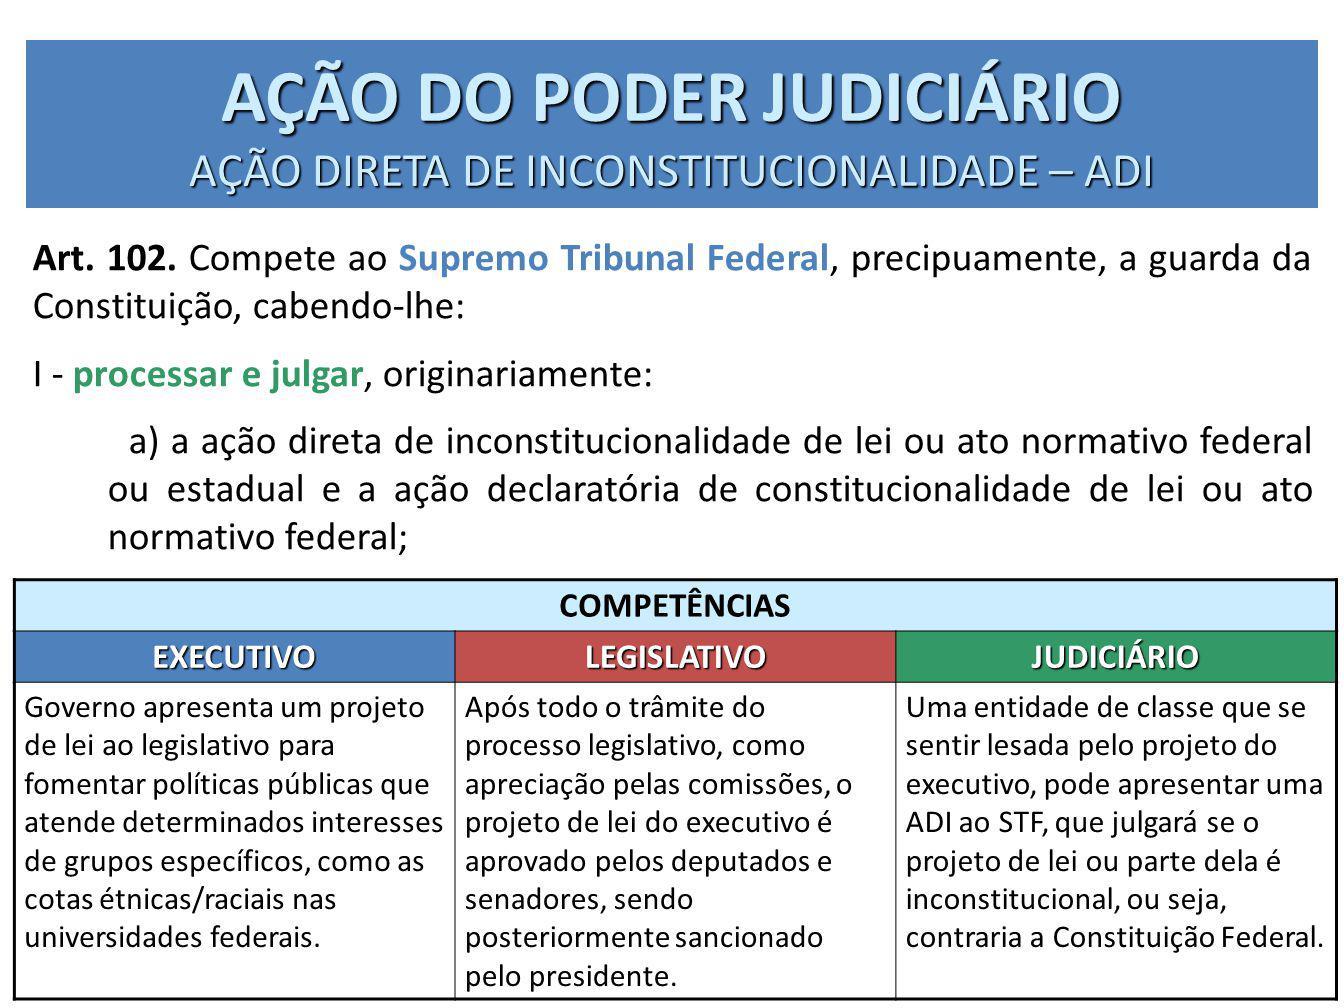 AÇÃO DO PODER JUDICIÁRIO AÇÃO DIRETA DE INCONSTITUCIONALIDADE – ADI COMPETÊNCIAS EXECUTIVOLEGISLATIVOJUDICIÁRIO Governo apresenta um projeto de lei ao